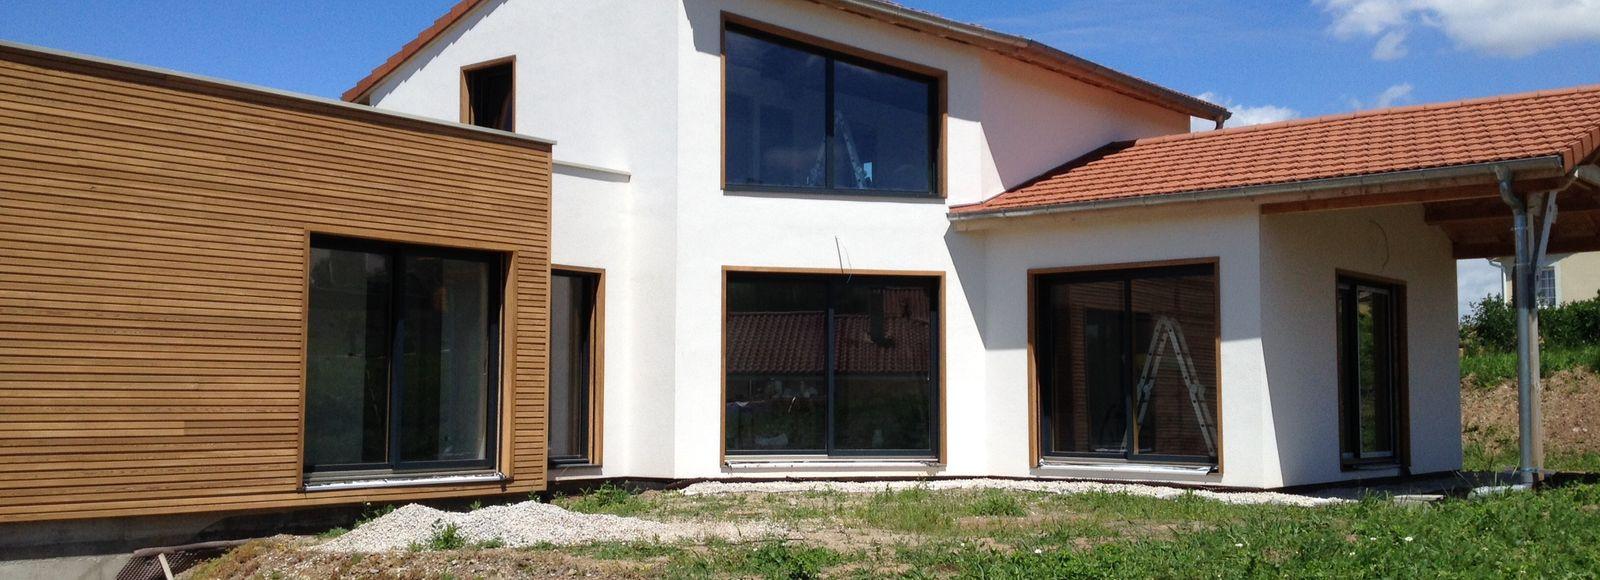 Maison ossature avec crépi et toits terrasses